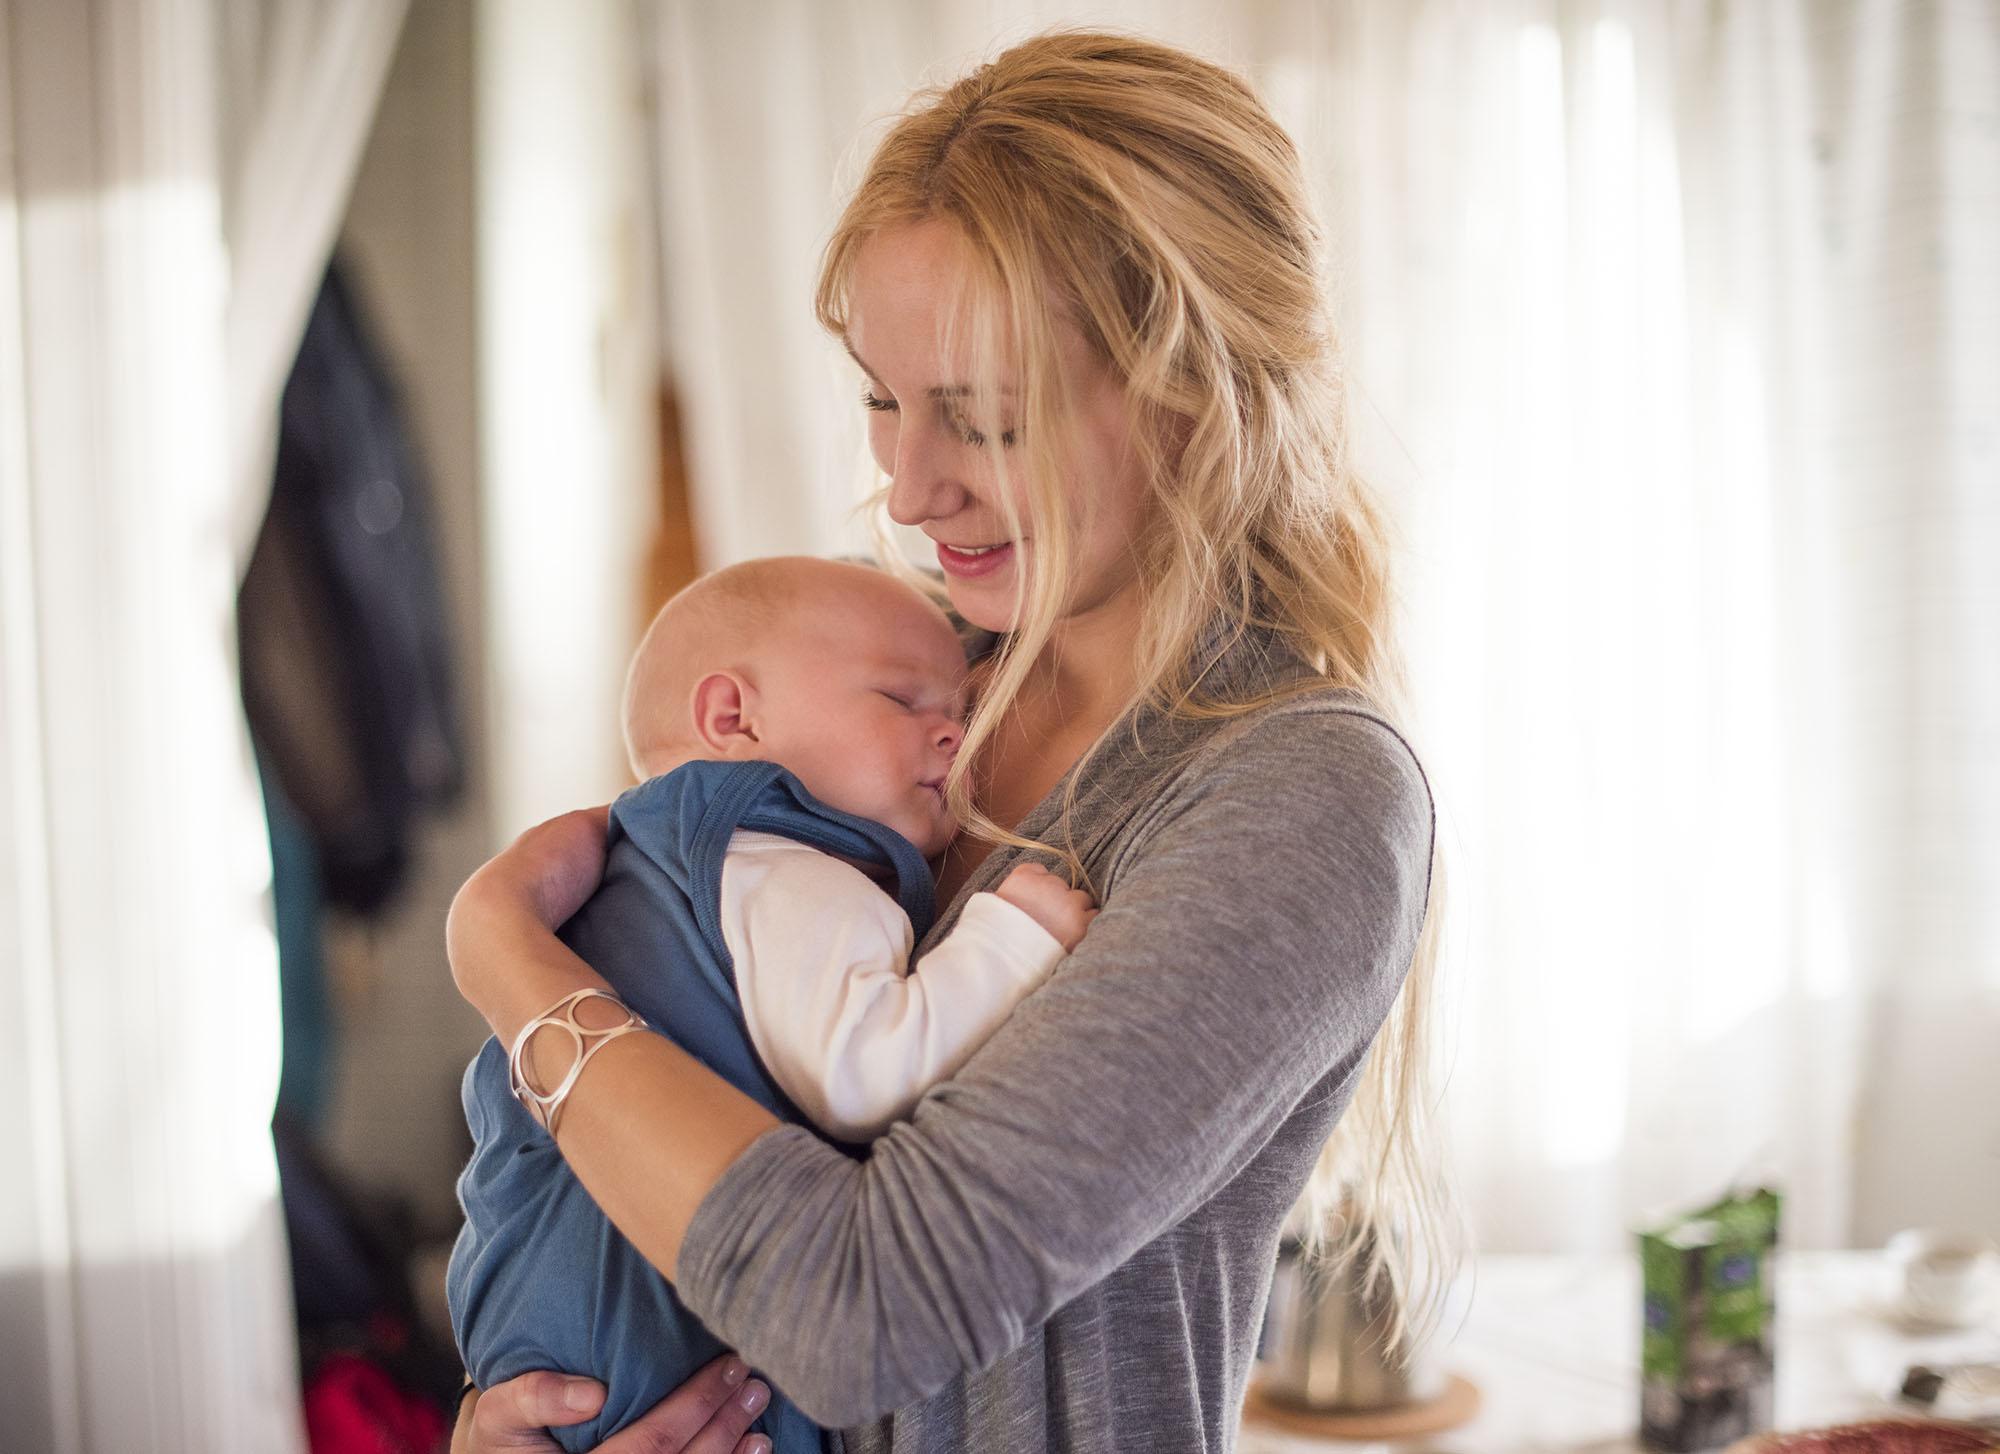 Jag och lilla Malte, som är son till mina vänner Åsa och Arvid.